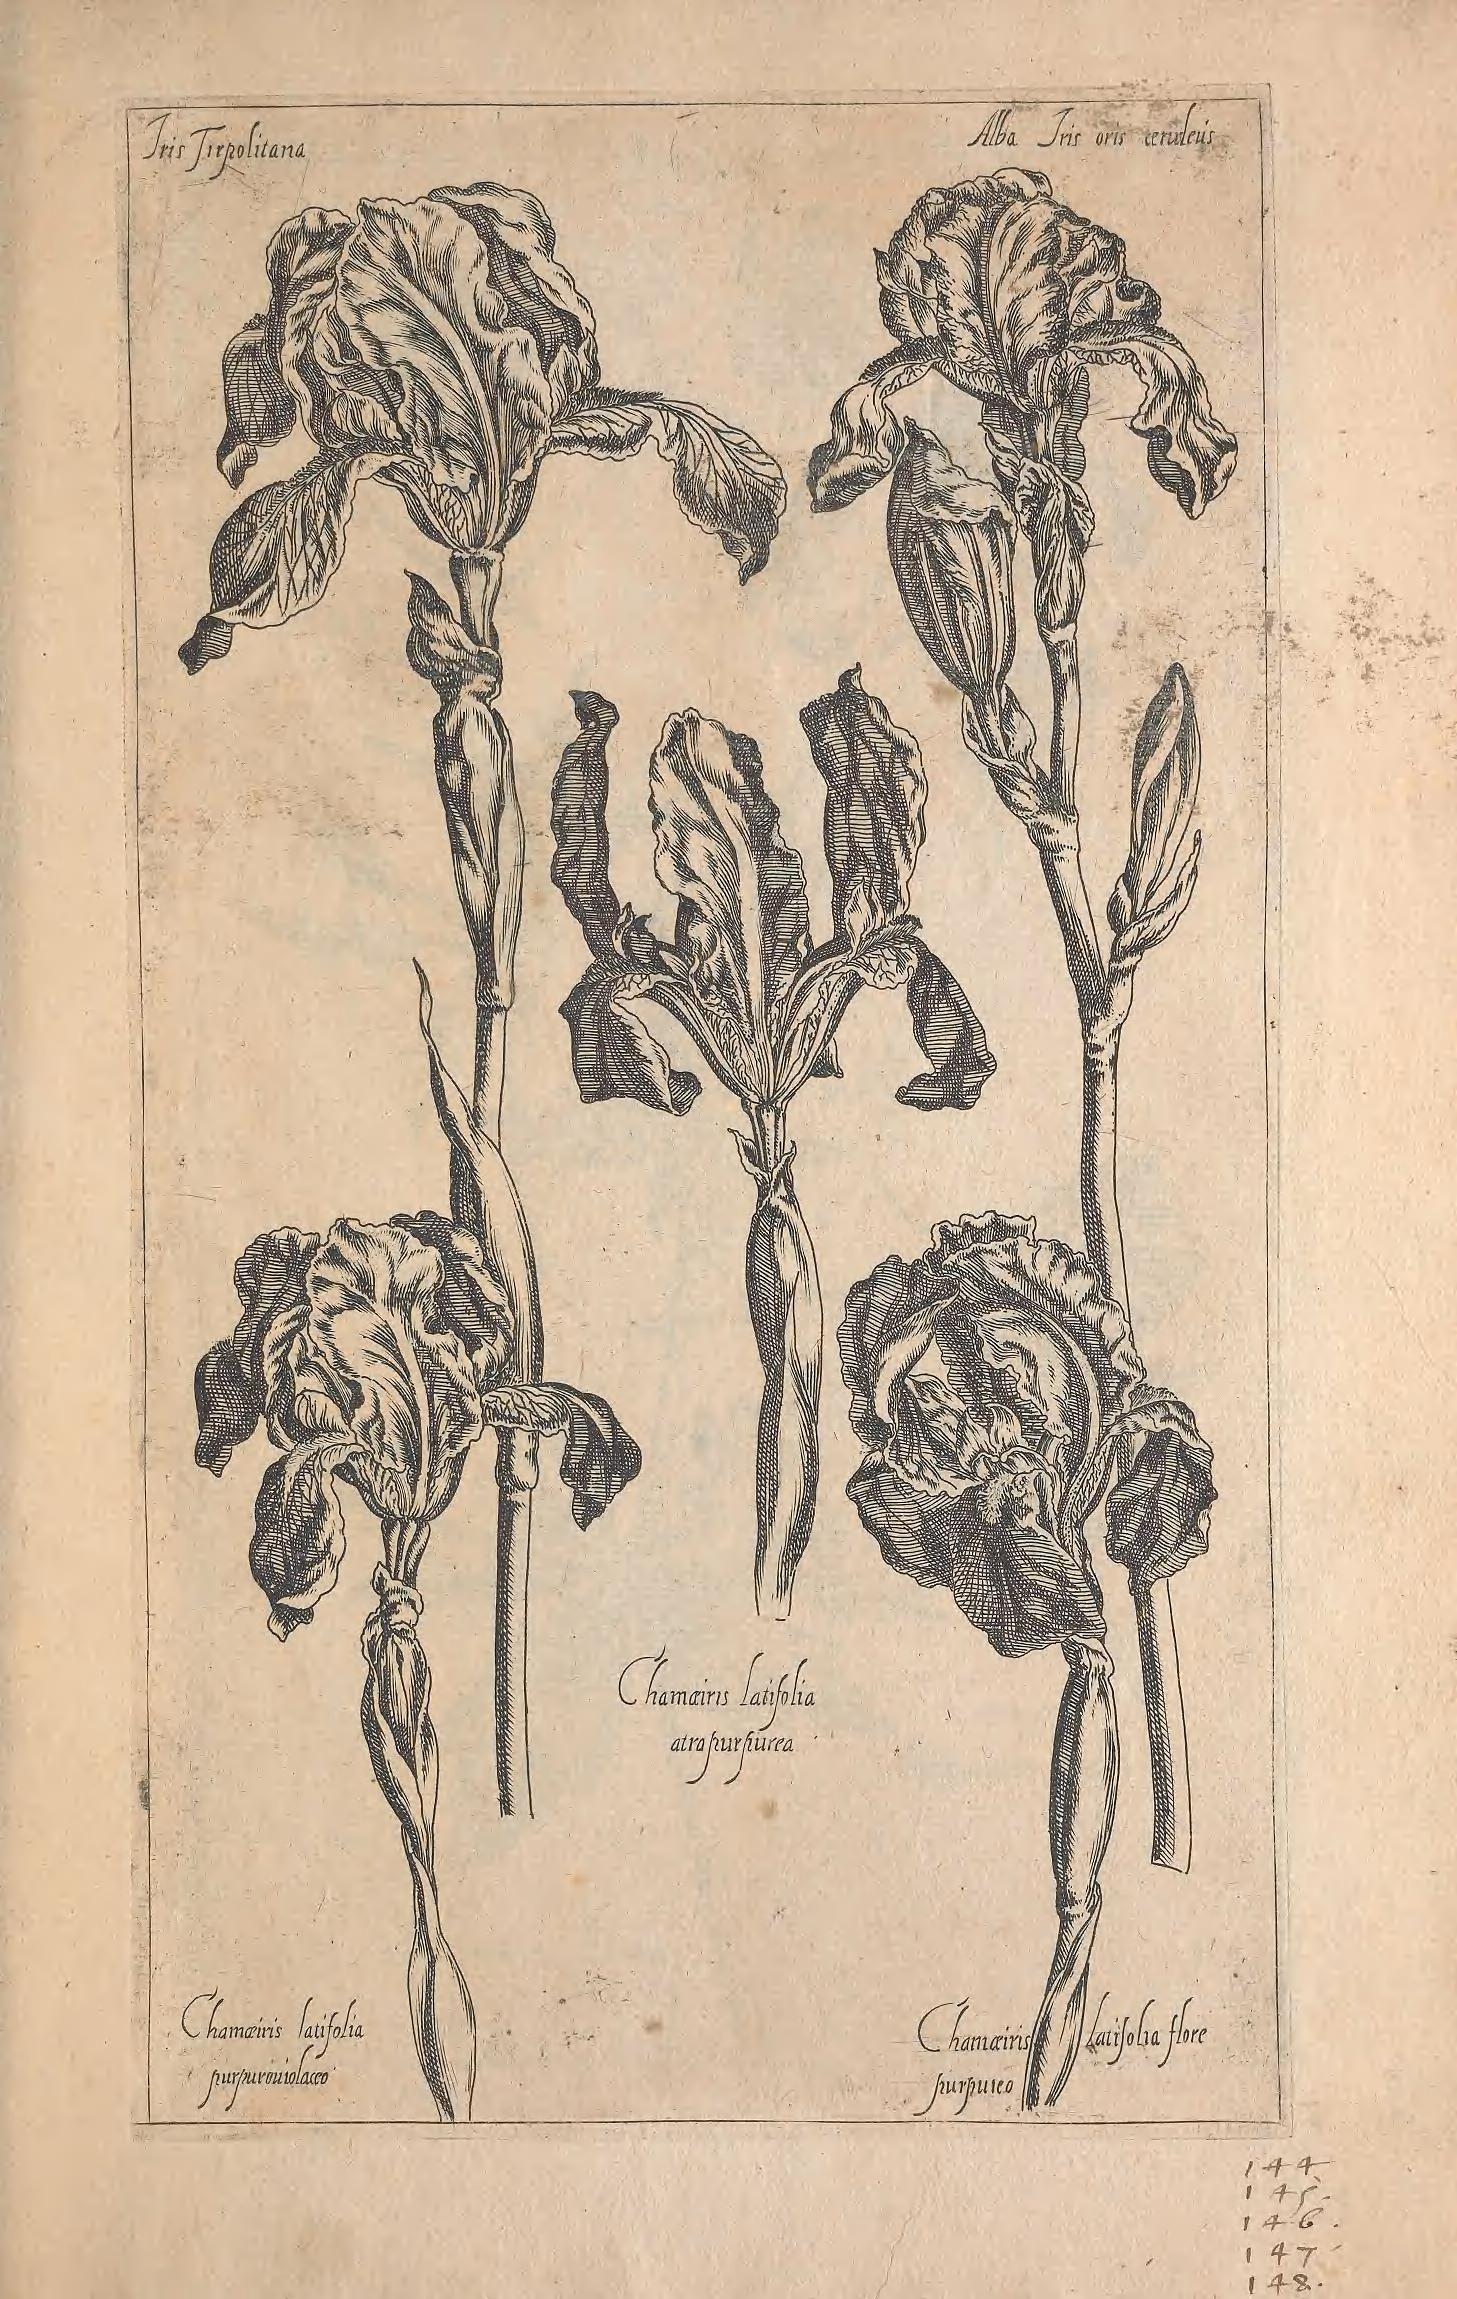 Le jardin du Roy tres chrestien, Loys XIII, Roy de France et de Navare ... / - Biodiversity Heritage Library